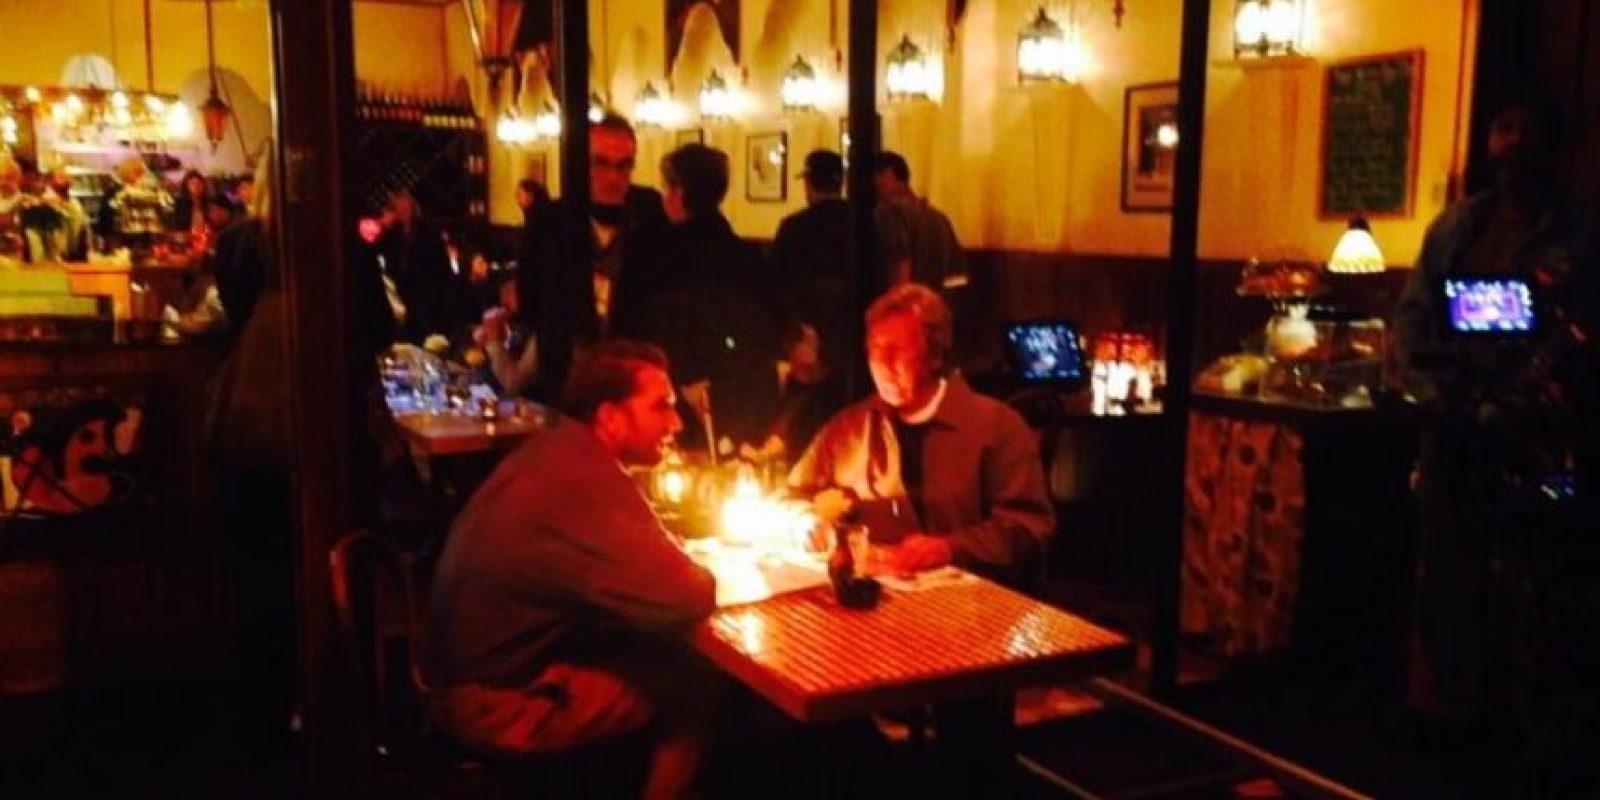 Parte del elenco en escena Foto:twitter.com/mattoyeah